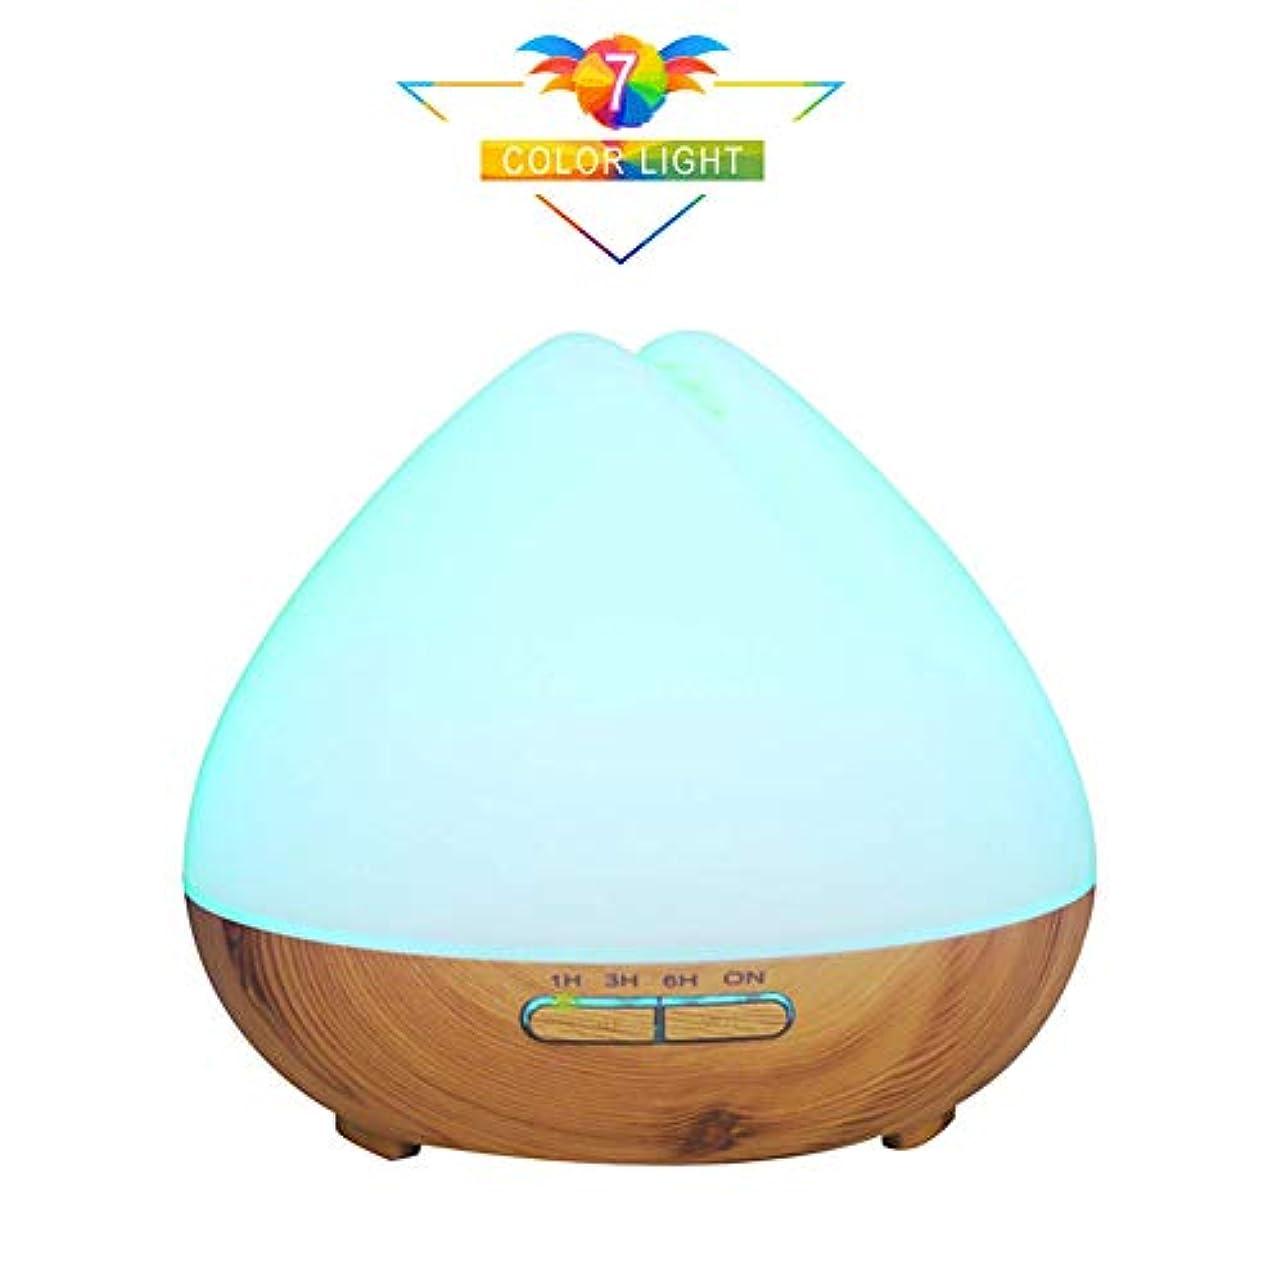 マット震えノーブル400ミリリットルアロマエッセンシャルオイルディフューザー、クールミストアロマディフューザー7色を設定する4タイマーLEDライト